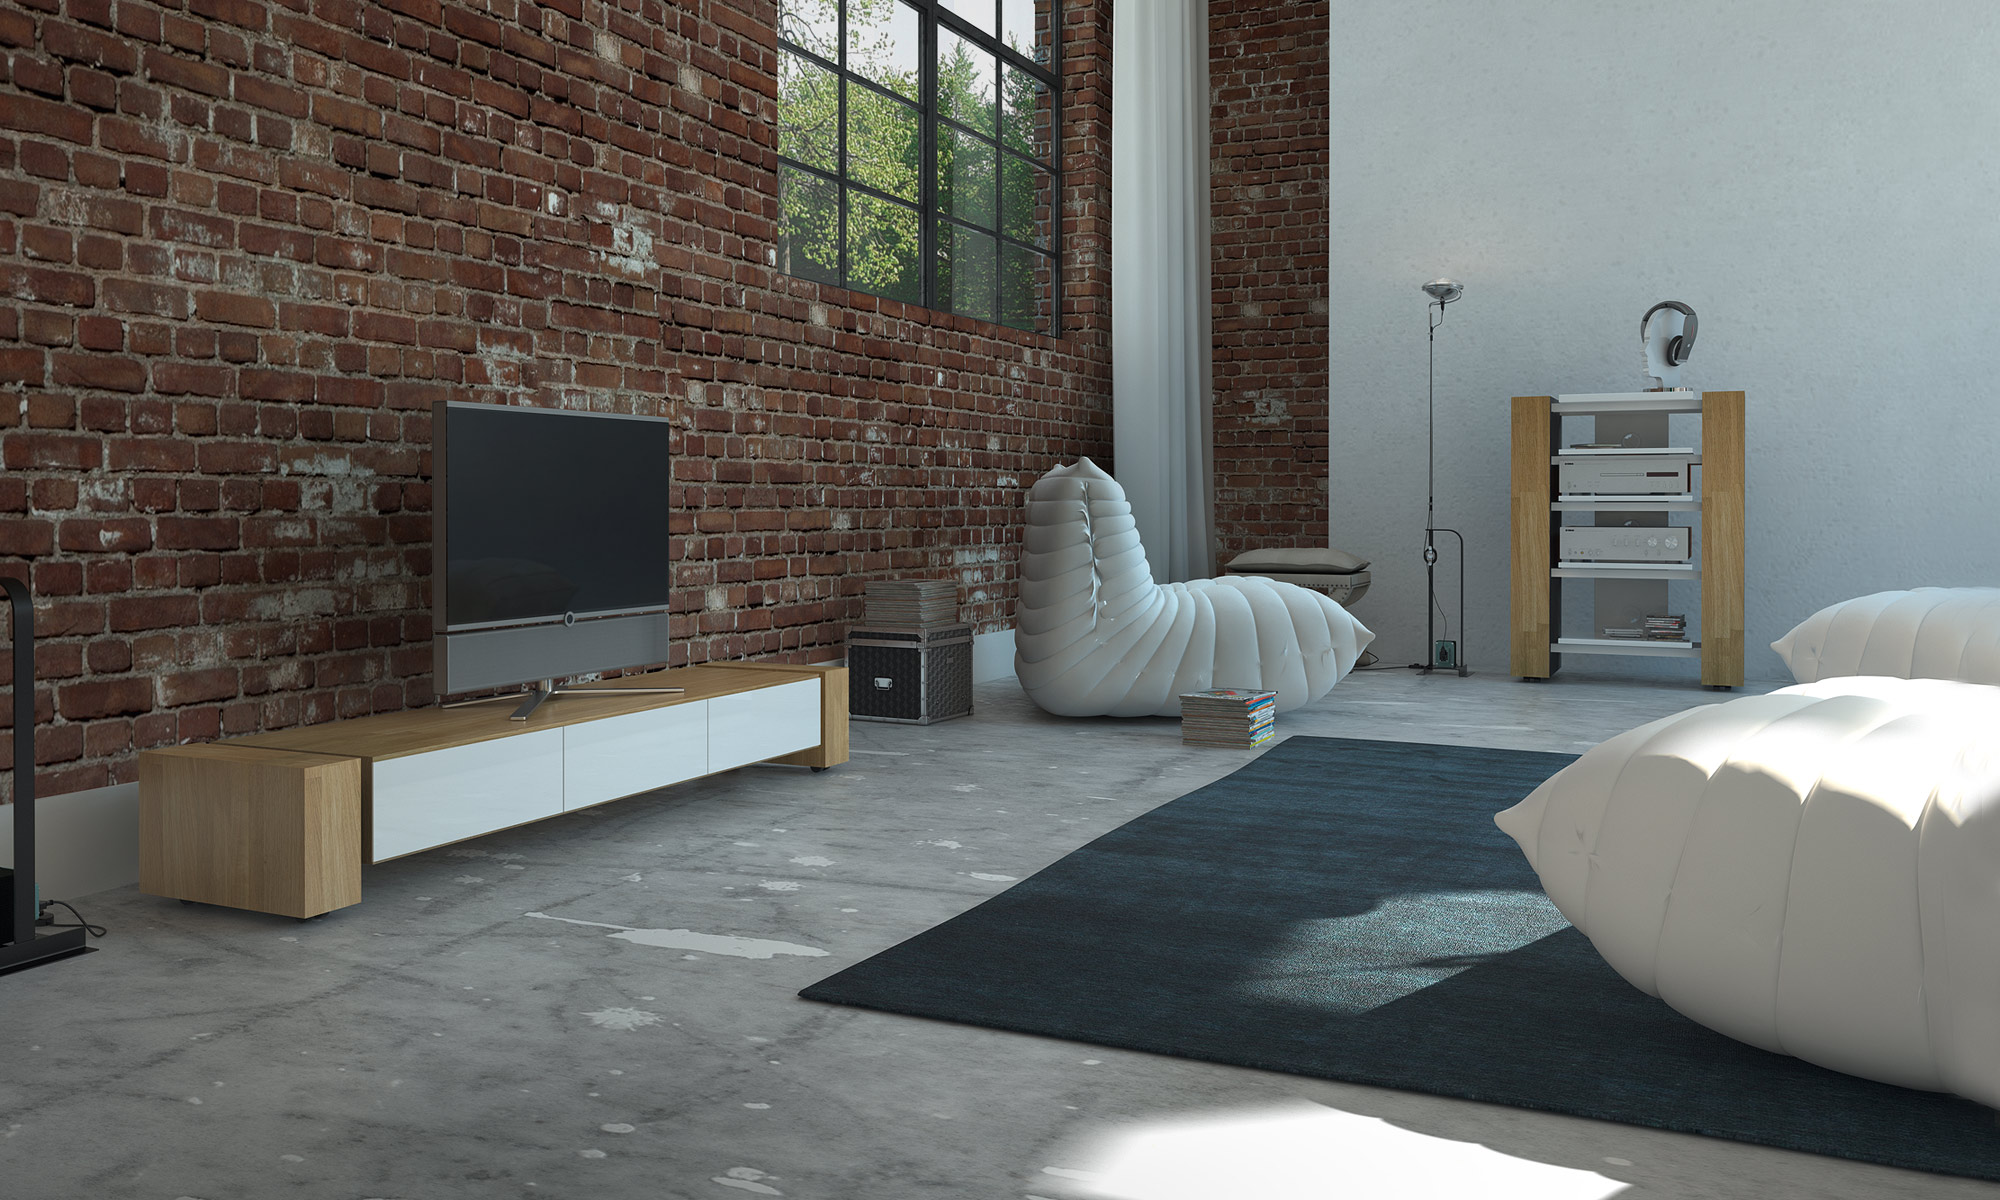 schnepel tv hifi m bel. Black Bedroom Furniture Sets. Home Design Ideas